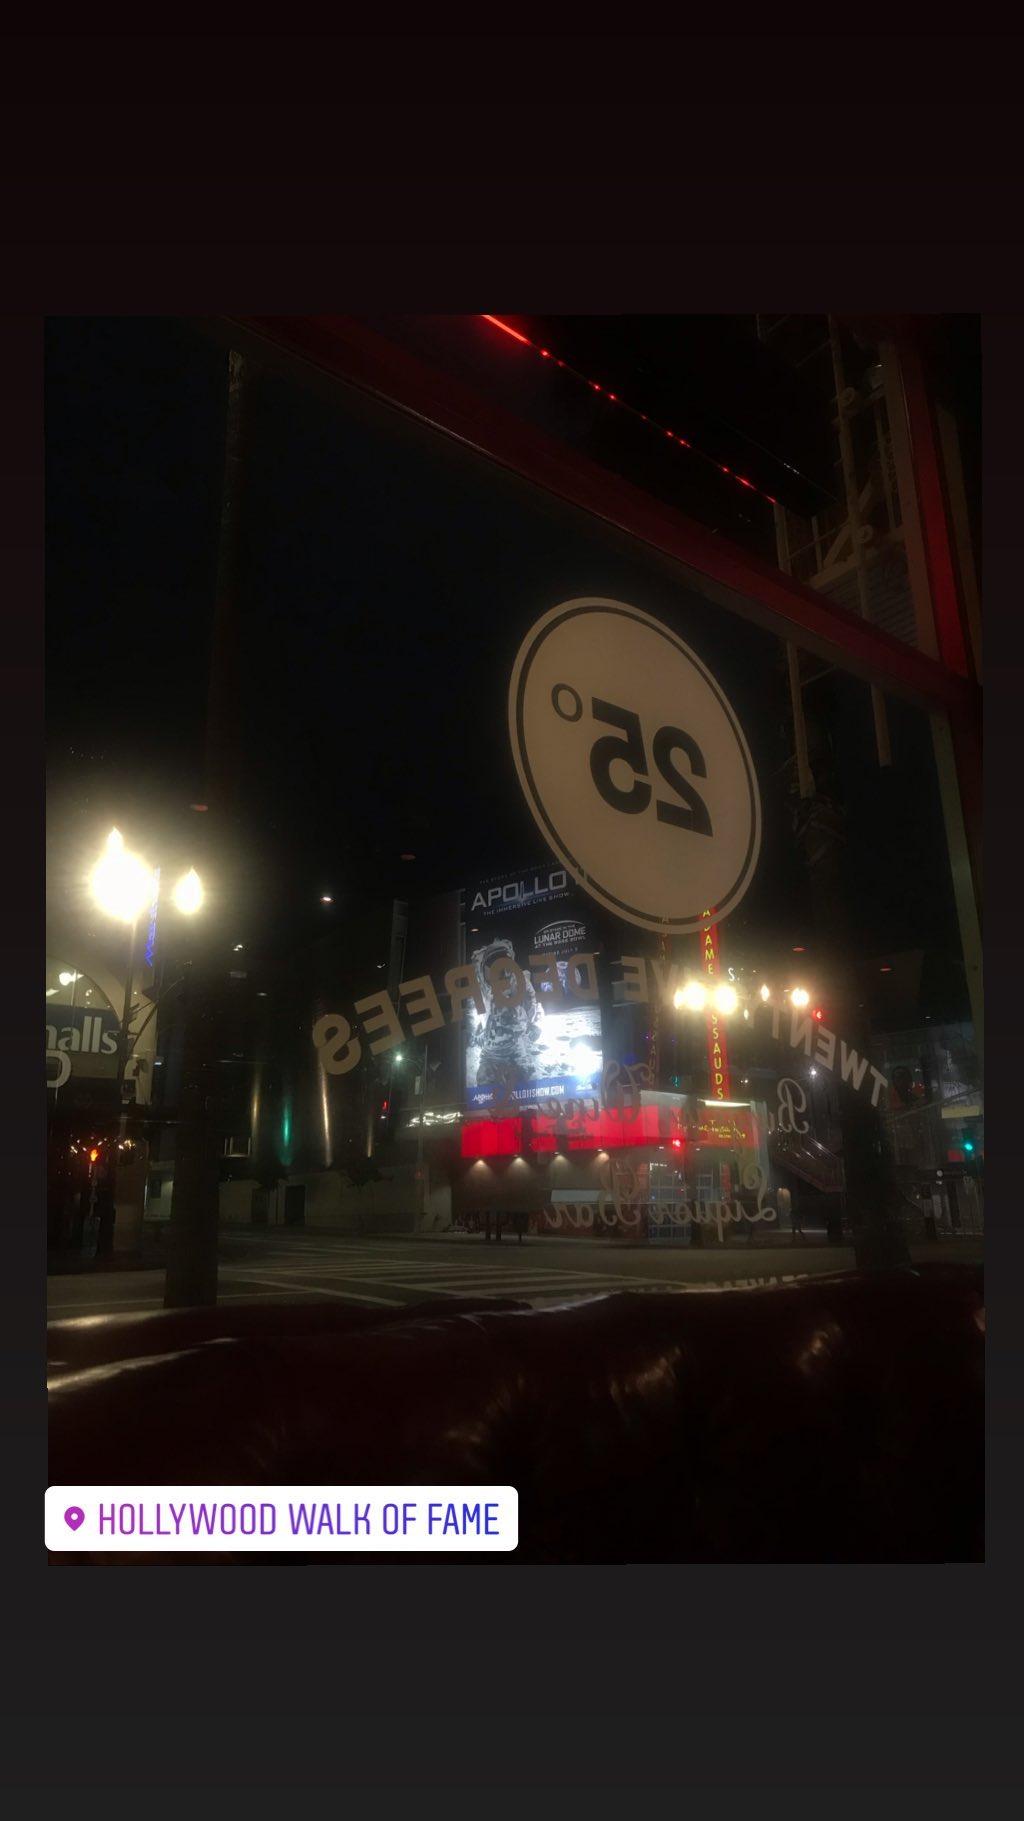 Γρηγόρης Αρναούτογλου - Νάνσυ Αντωνίου: Μαγικό ταξίδι στο Χόλιγουντ! [pics vid]